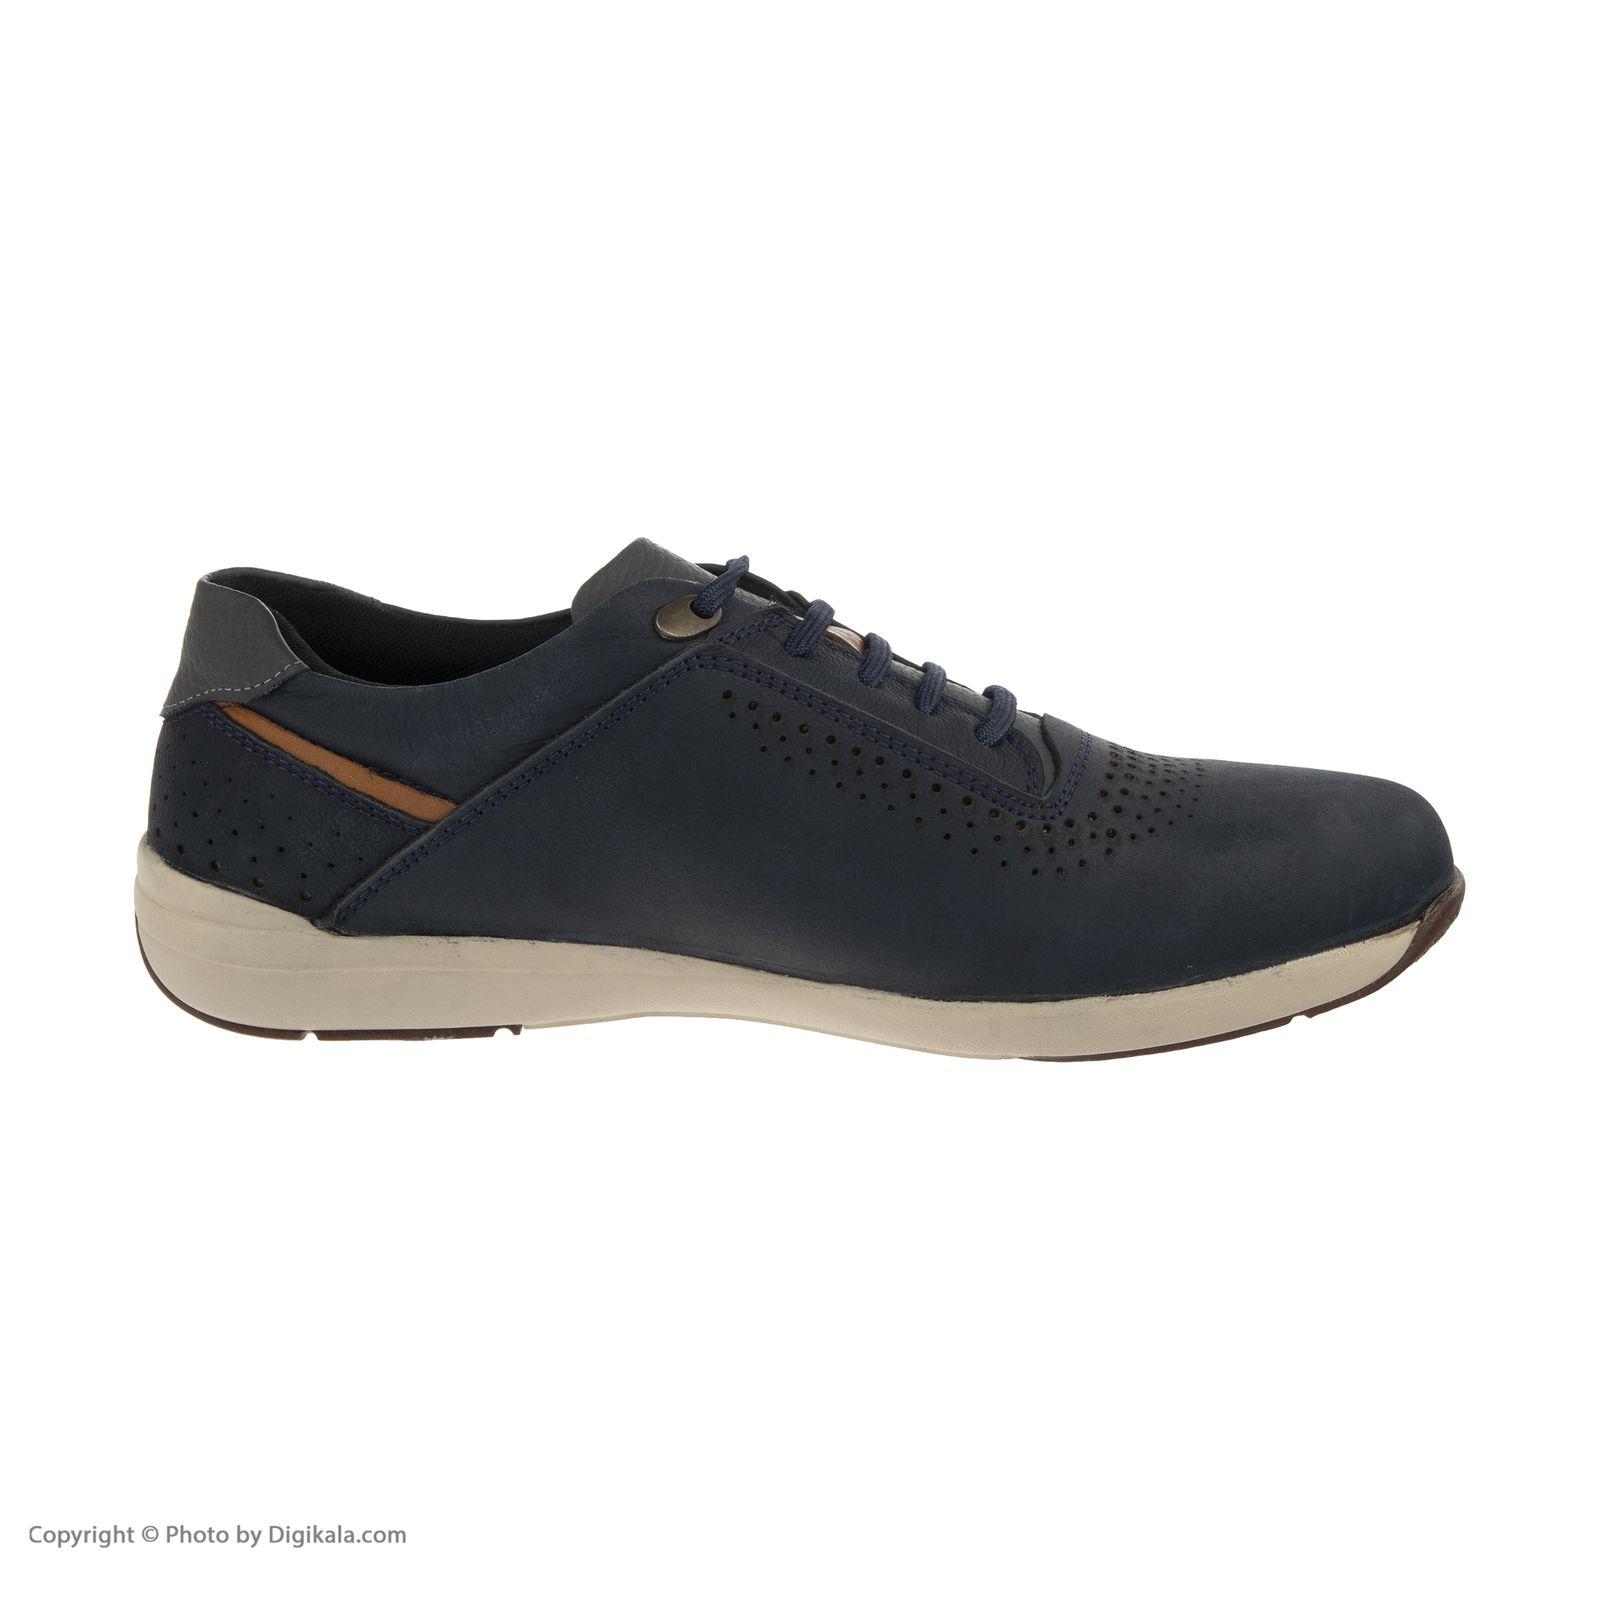 کفش روزمره مردانه سوته مدل 5037A503103 -  - 5